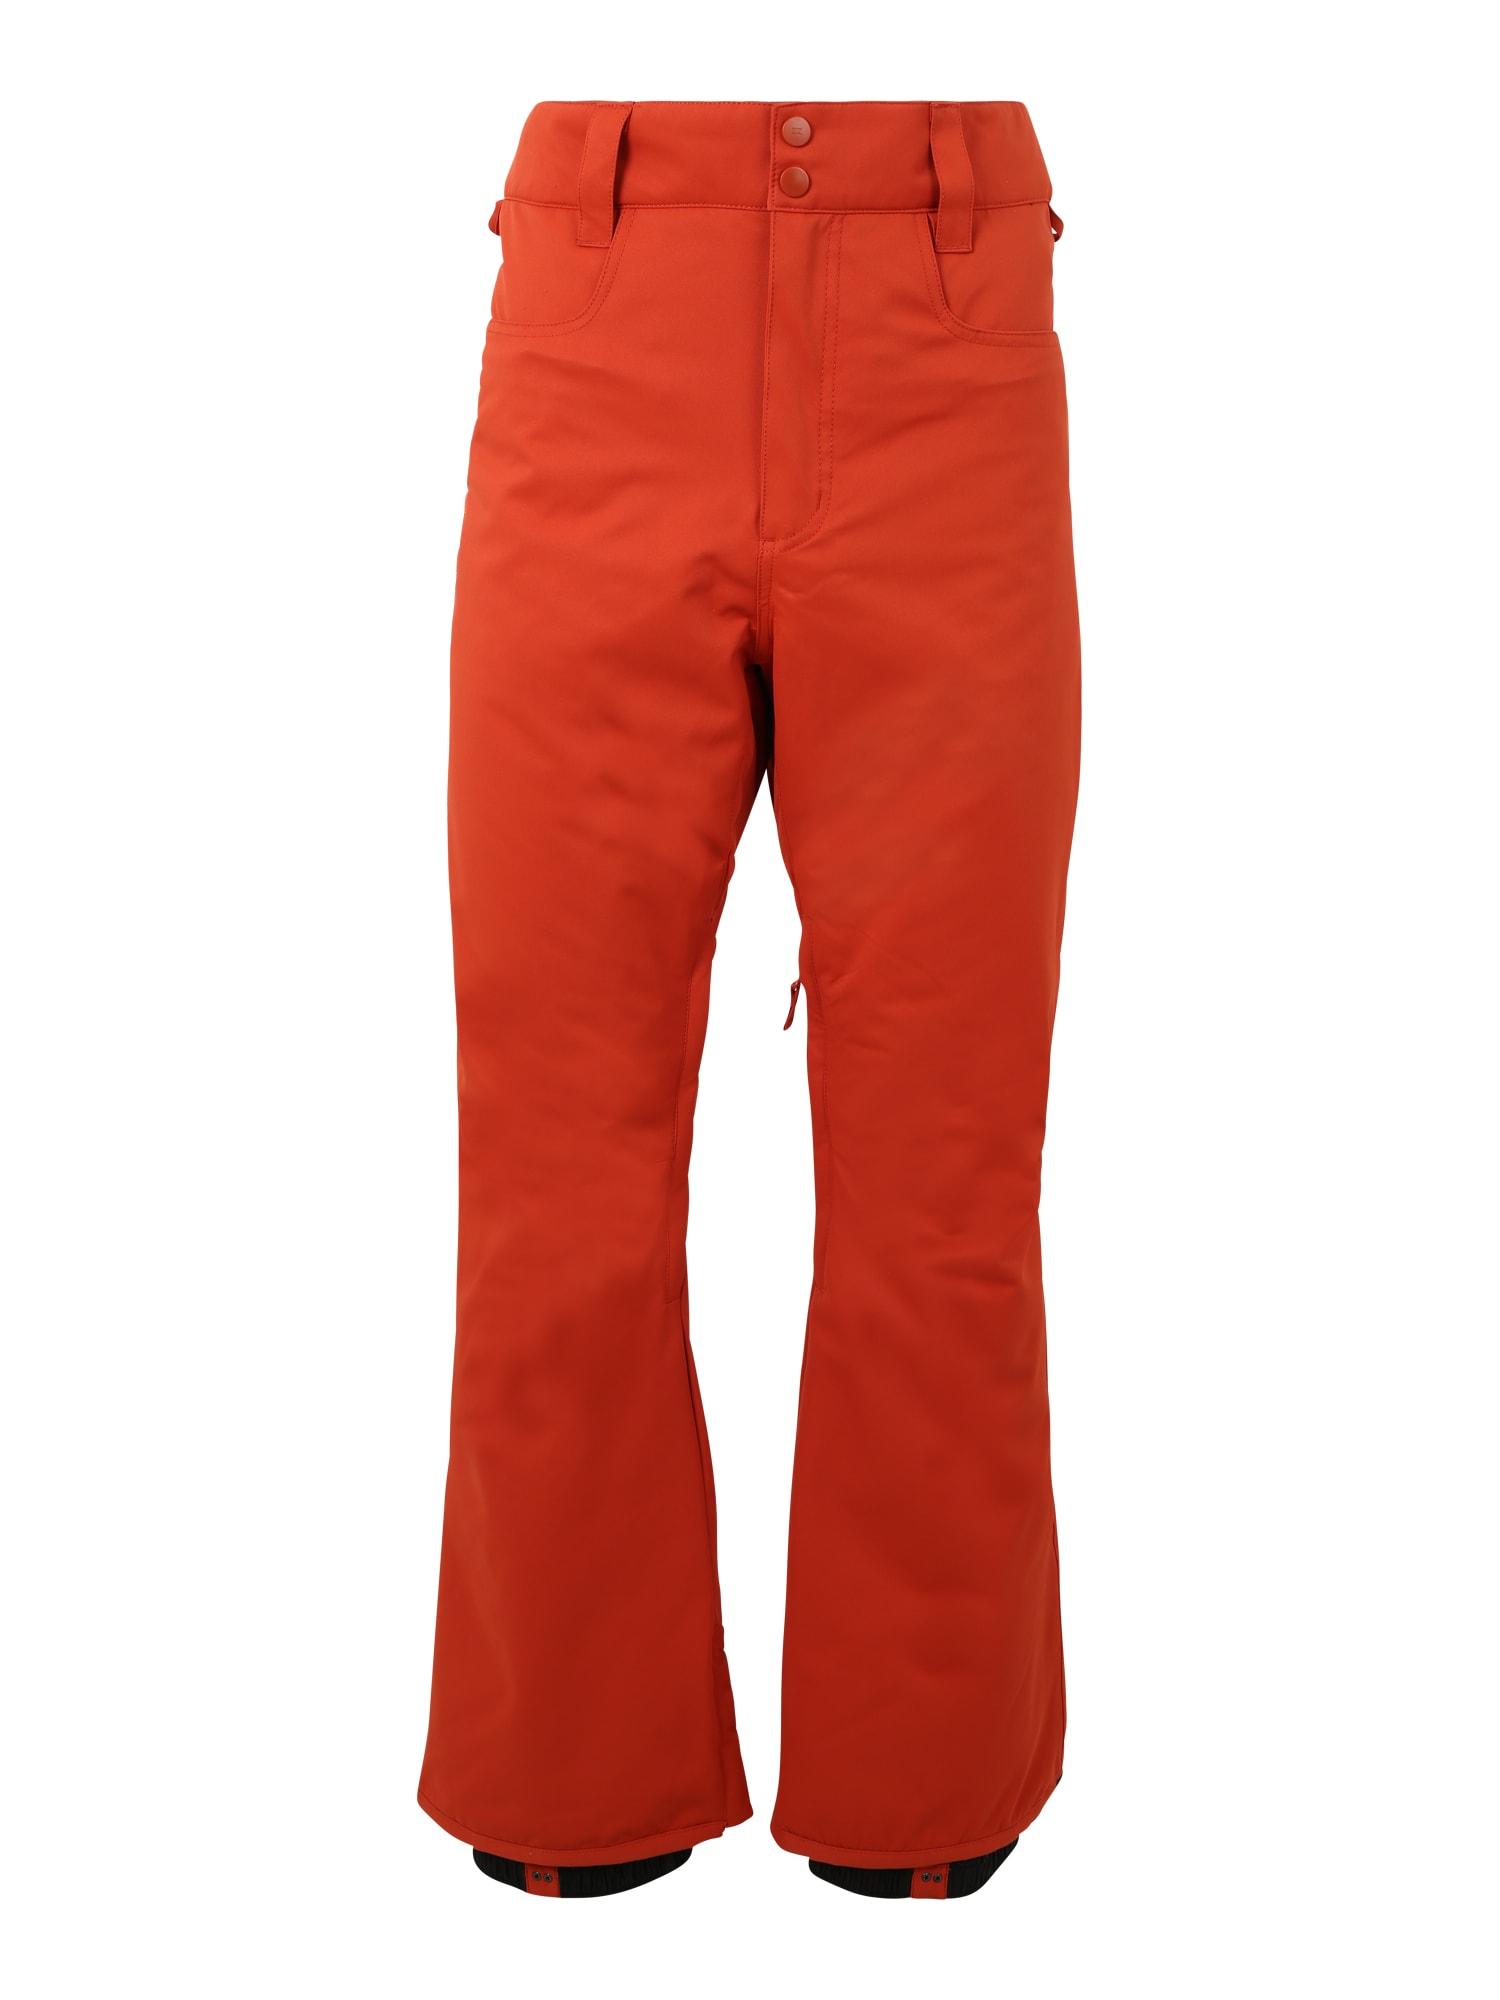 BILLABONG Sportinės kelnės 'outsider' ugnies raudona